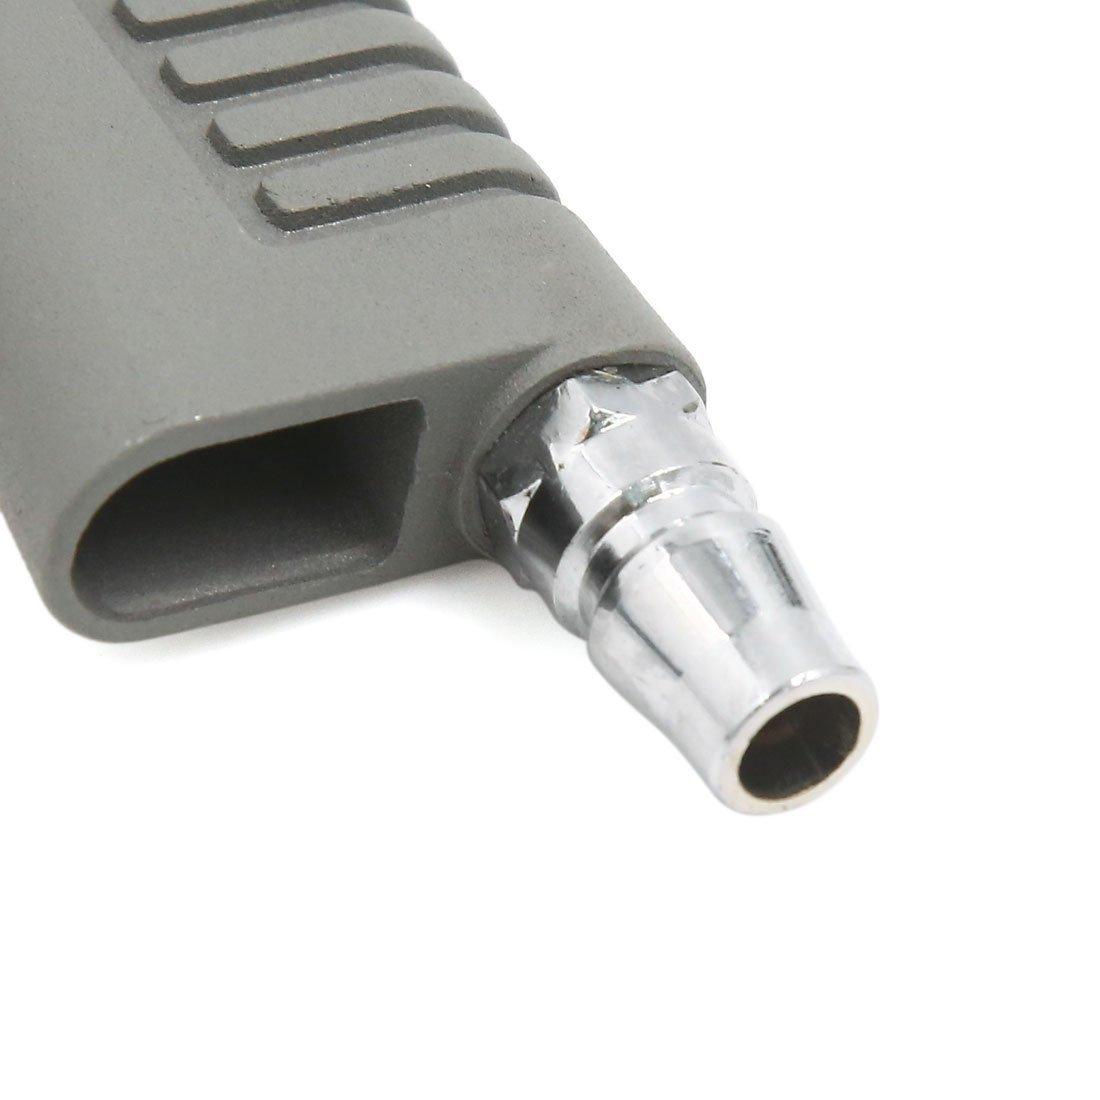 Amazon.com: eDealMax gris metálico DE 12 mm Diámetro de la boquilla Sand Blaster Pistola maneja la herramienta Para el coche automático: Automotive